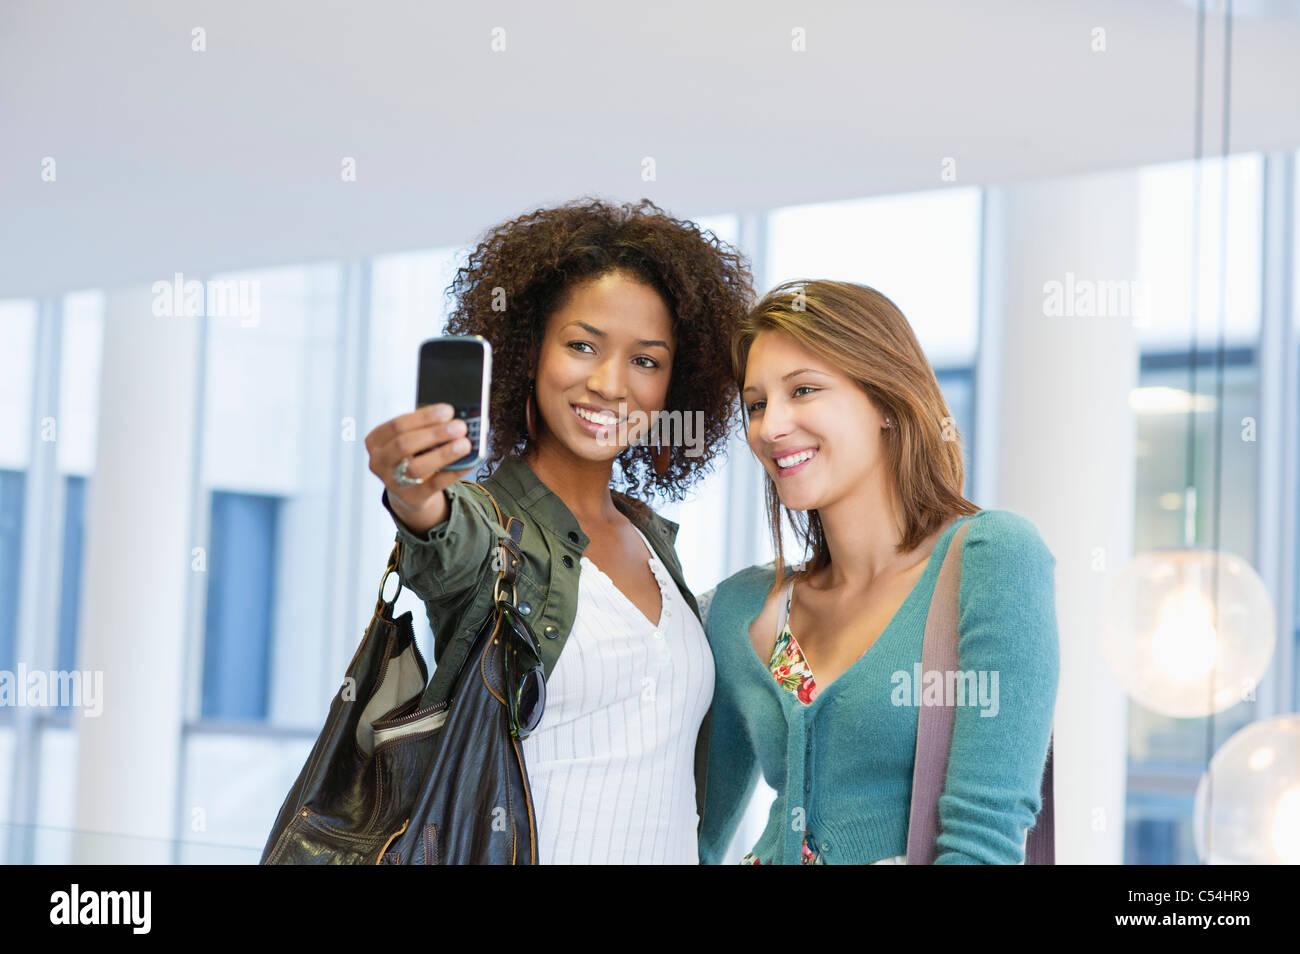 Deux femmes prenant des photos d'eux-mêmes Photo Stock